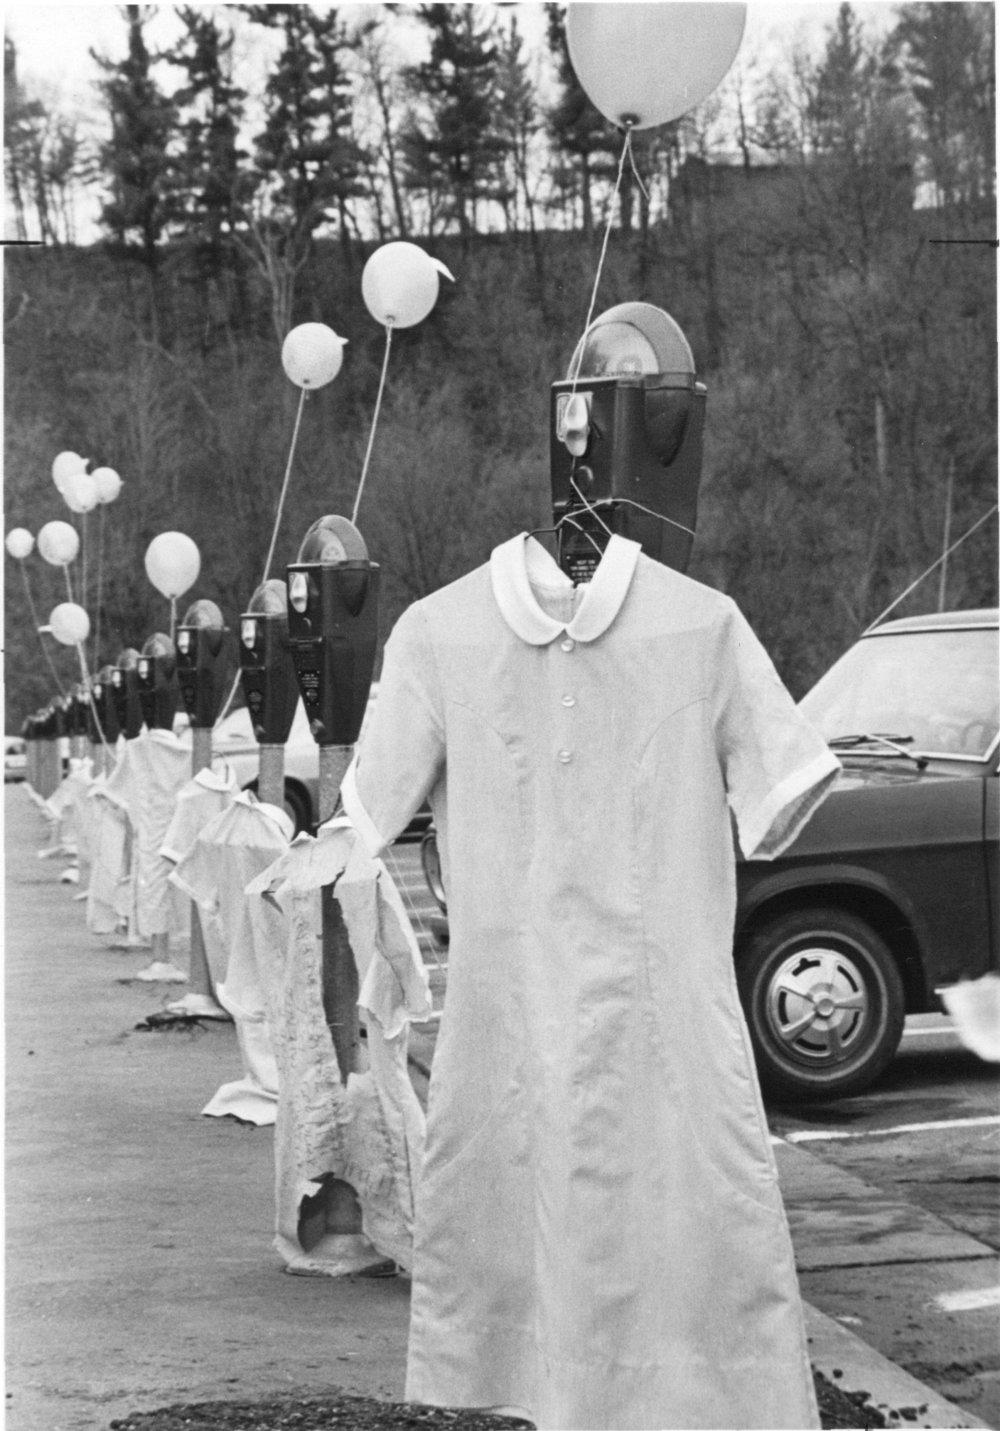 Nursing uniforms hanging on parking meters